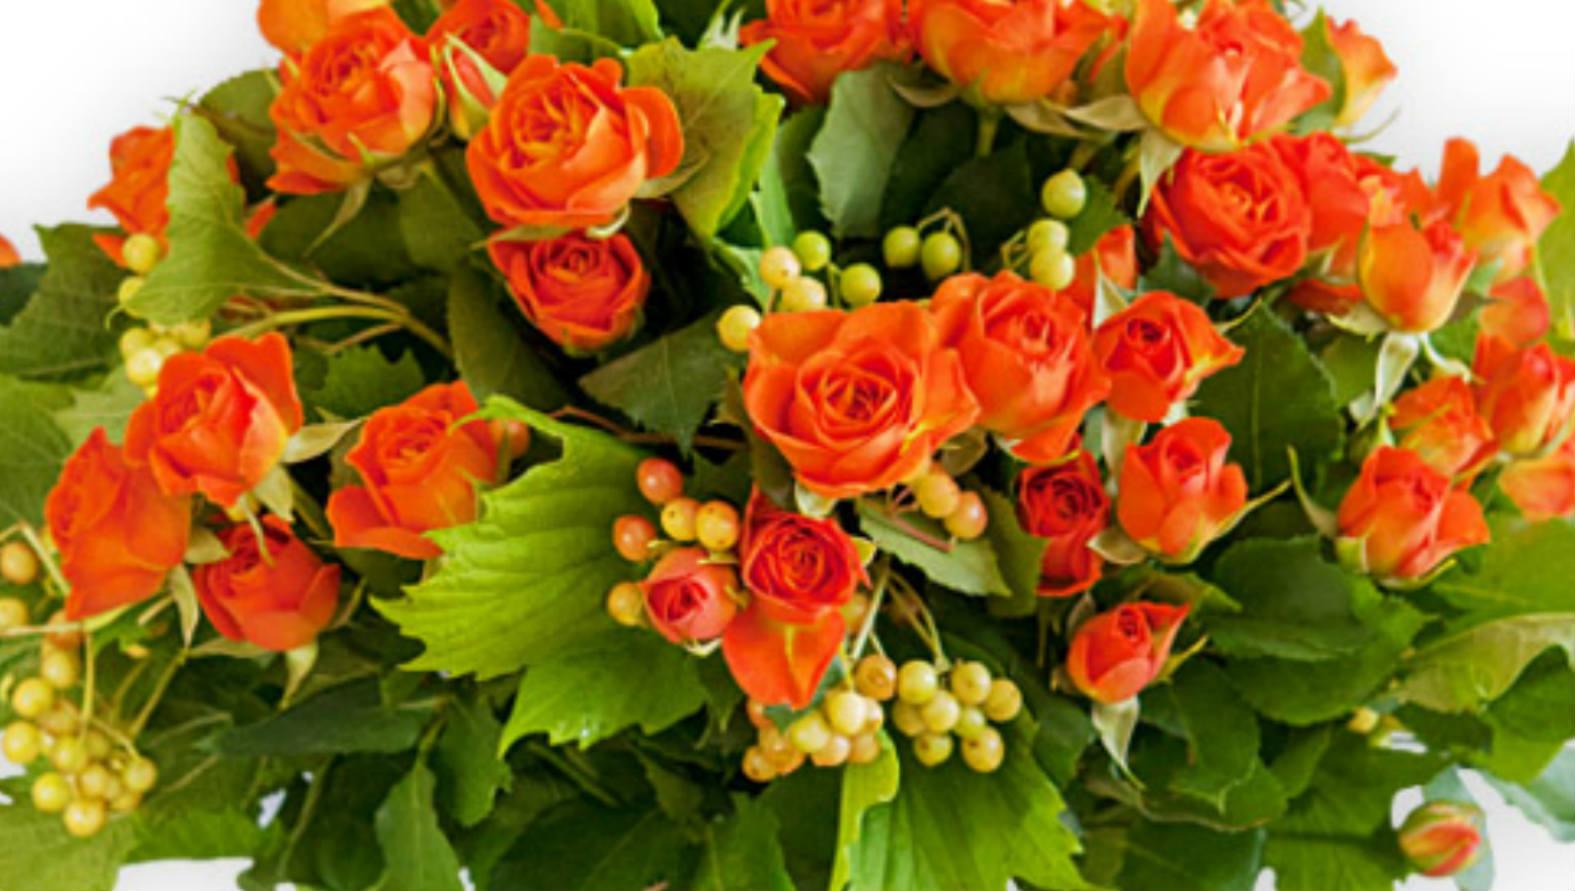 bon voyage bouquet